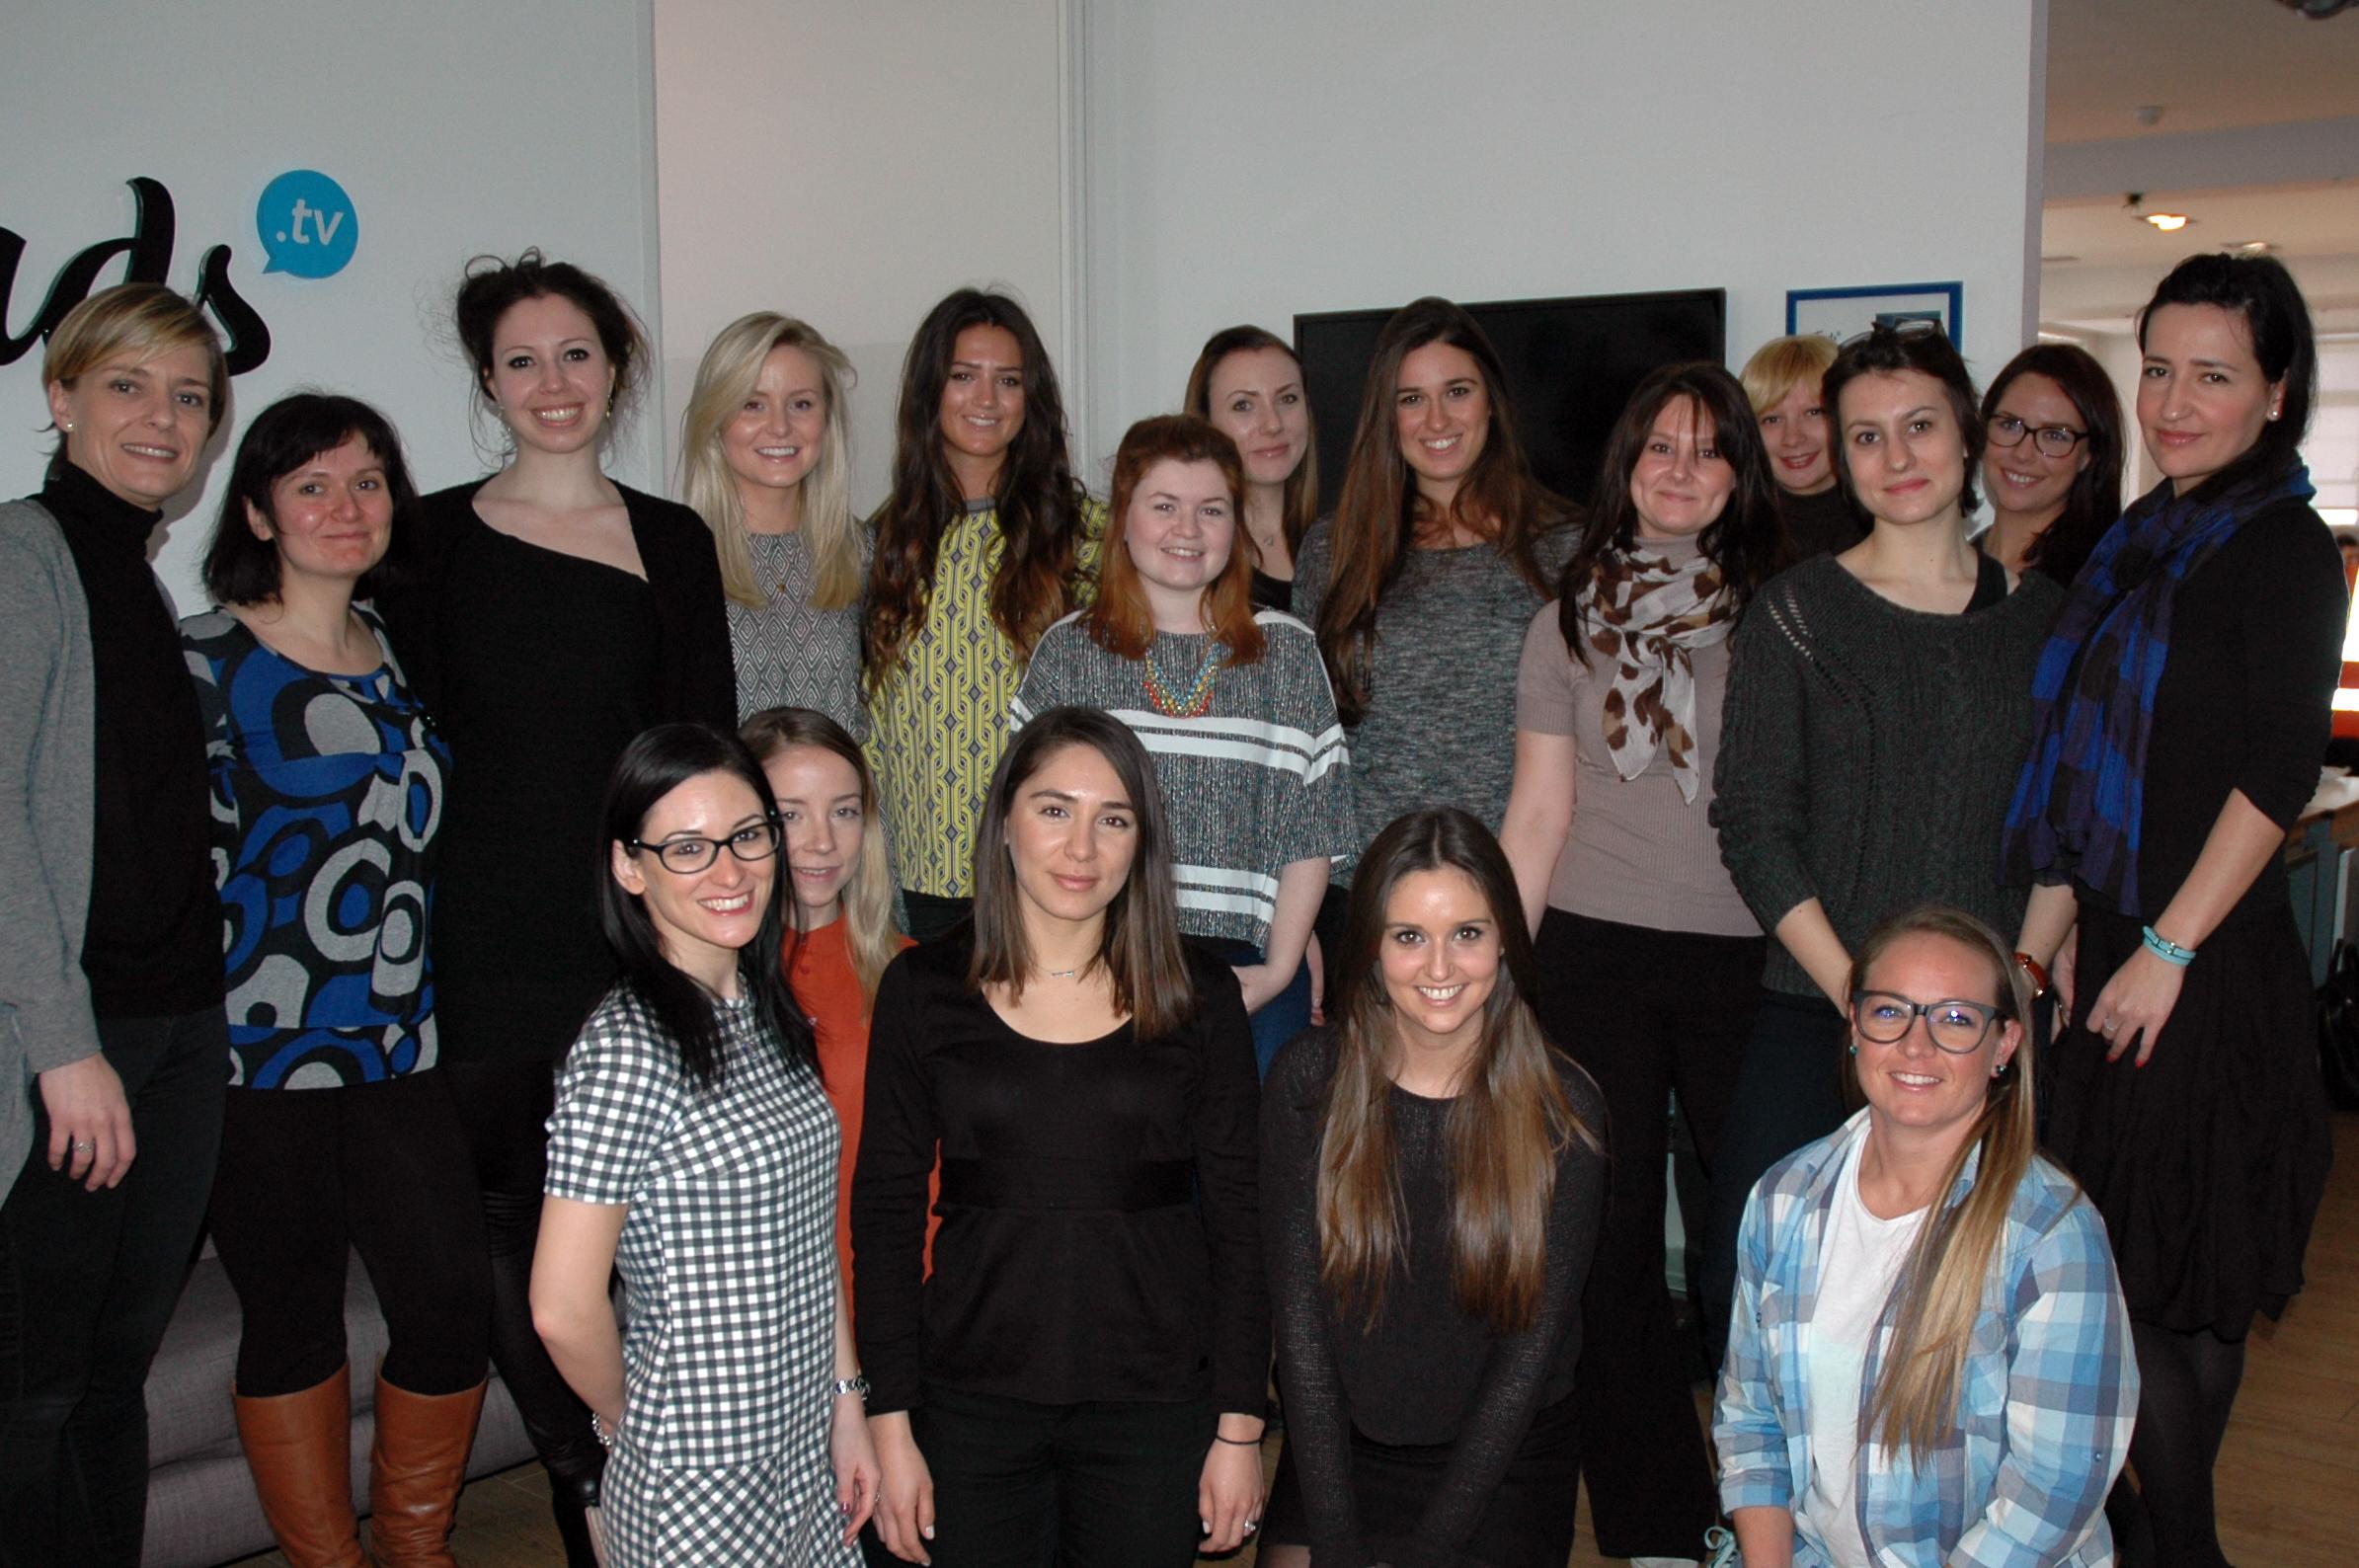 intWomensTeads_london